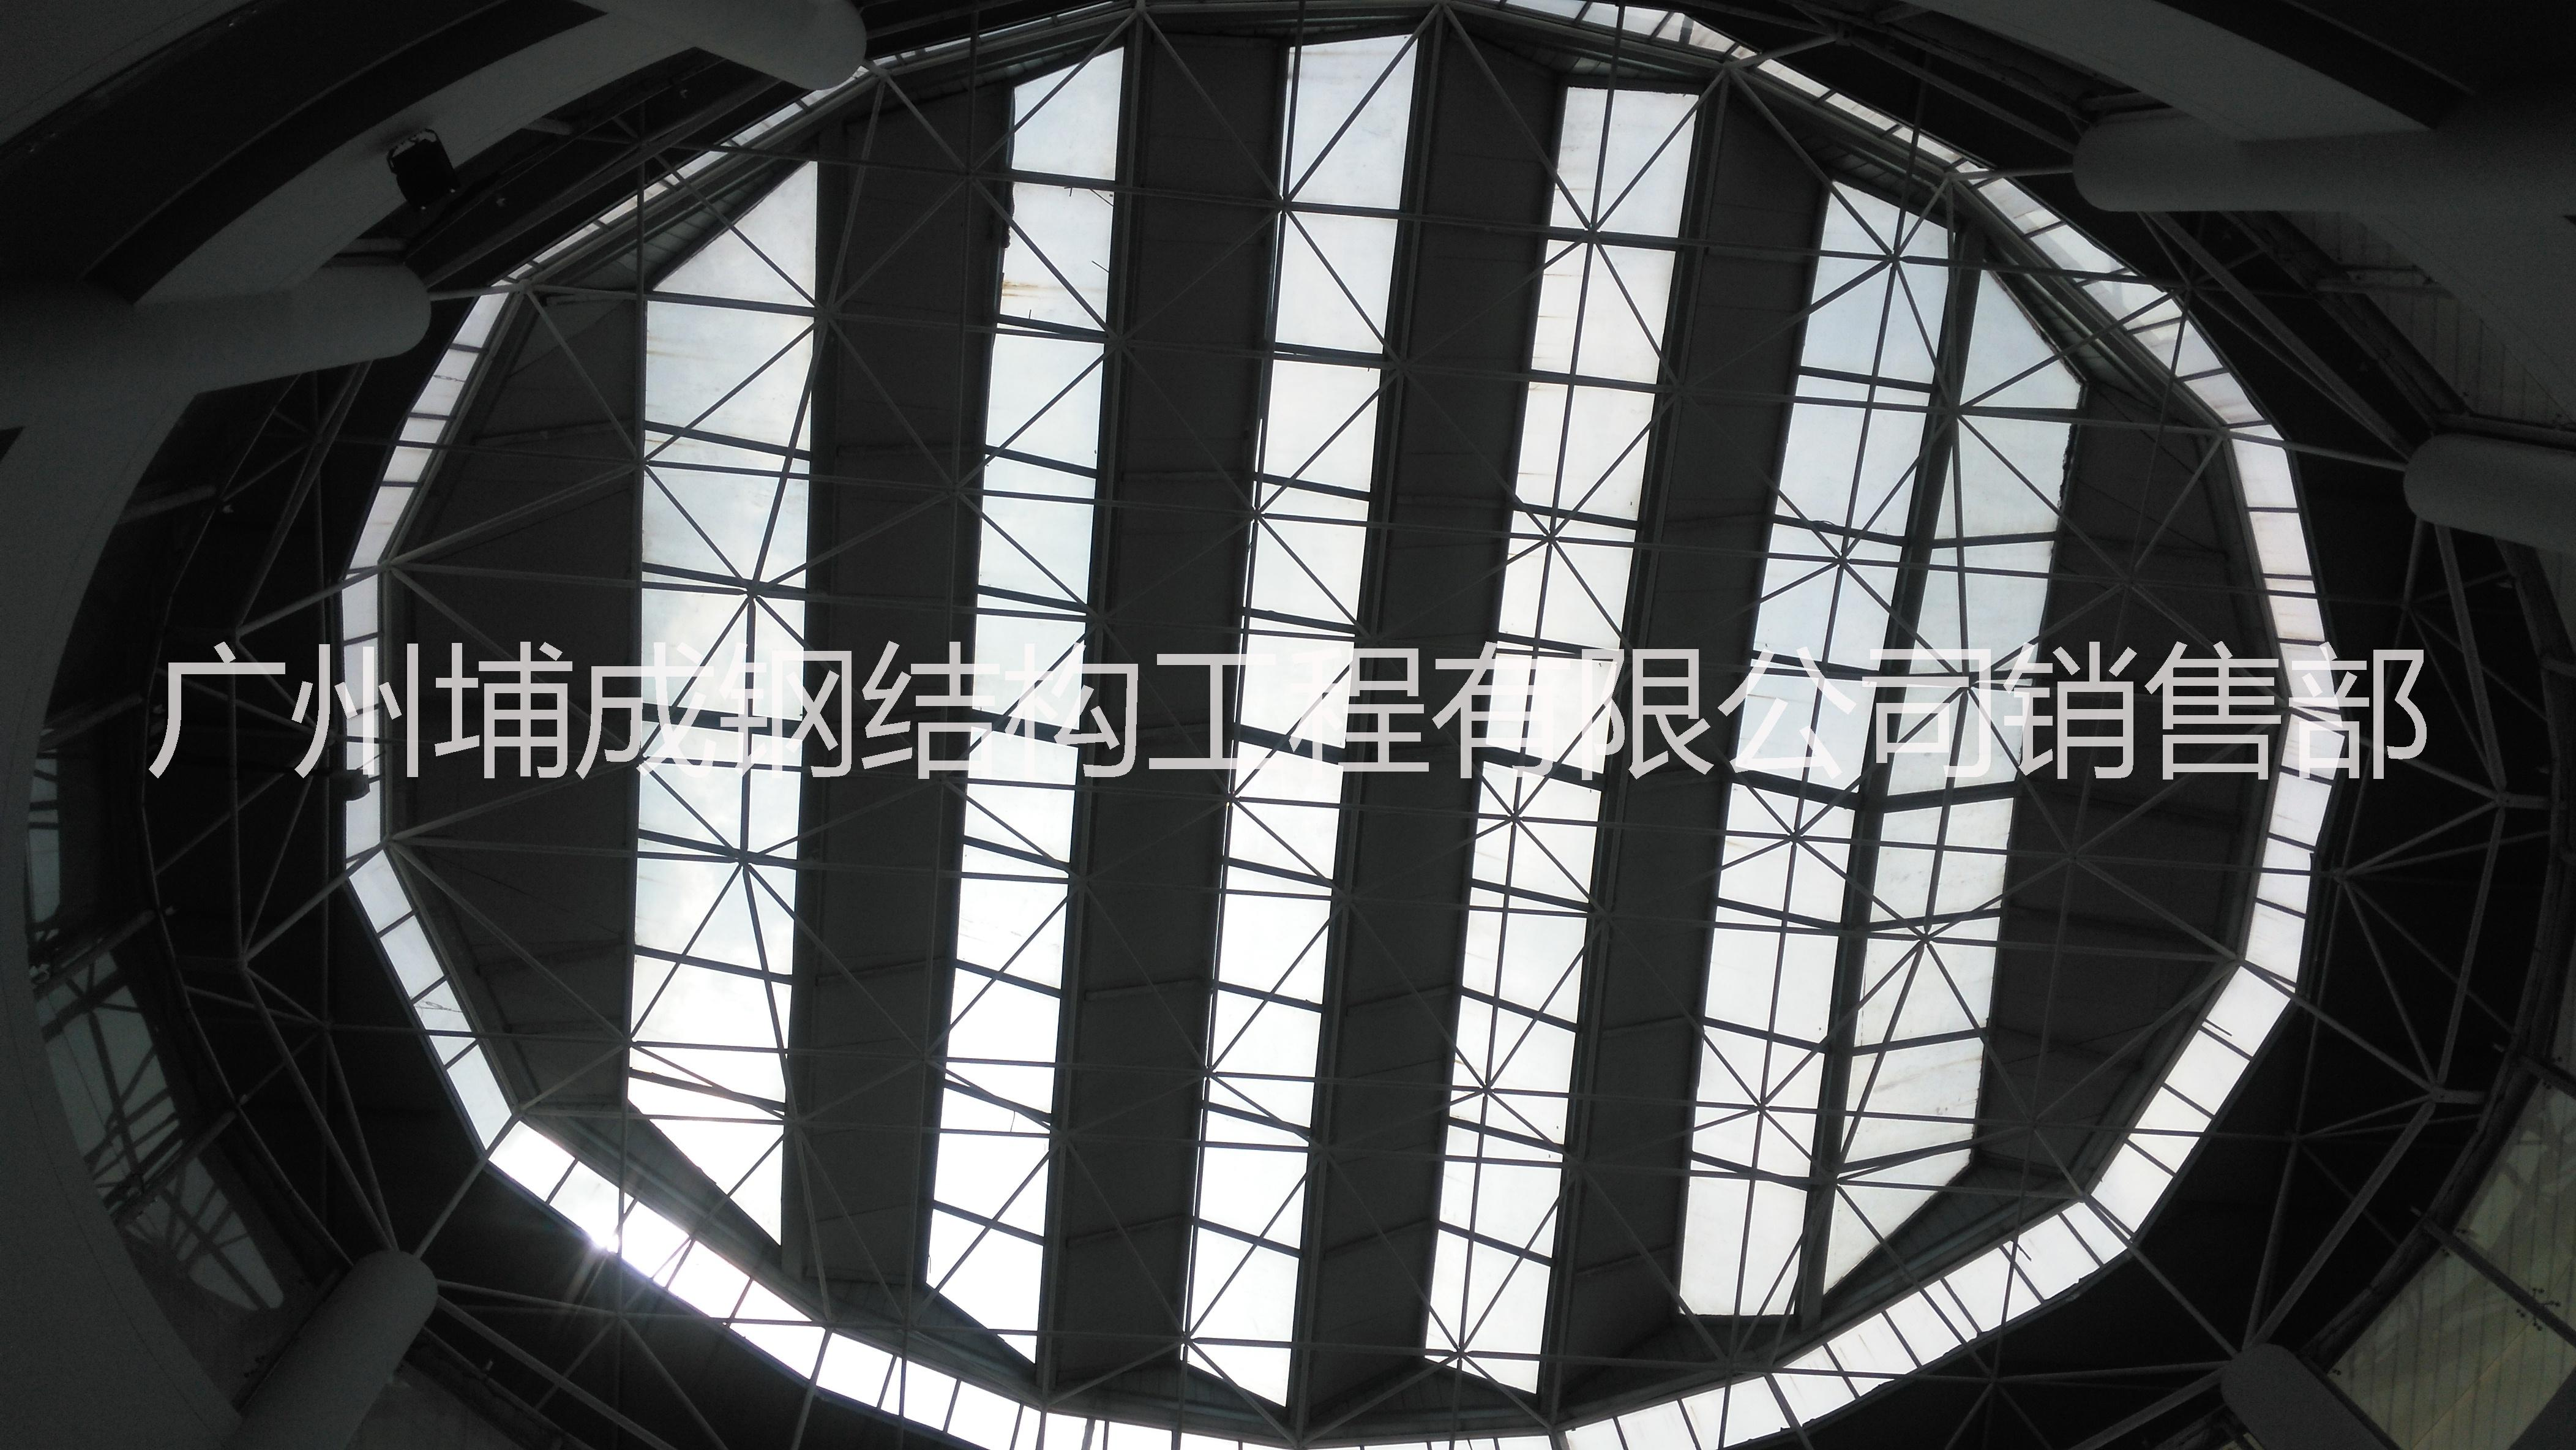 0大跨度广州采光玻璃顶工程,万达玻璃顶施工、报价